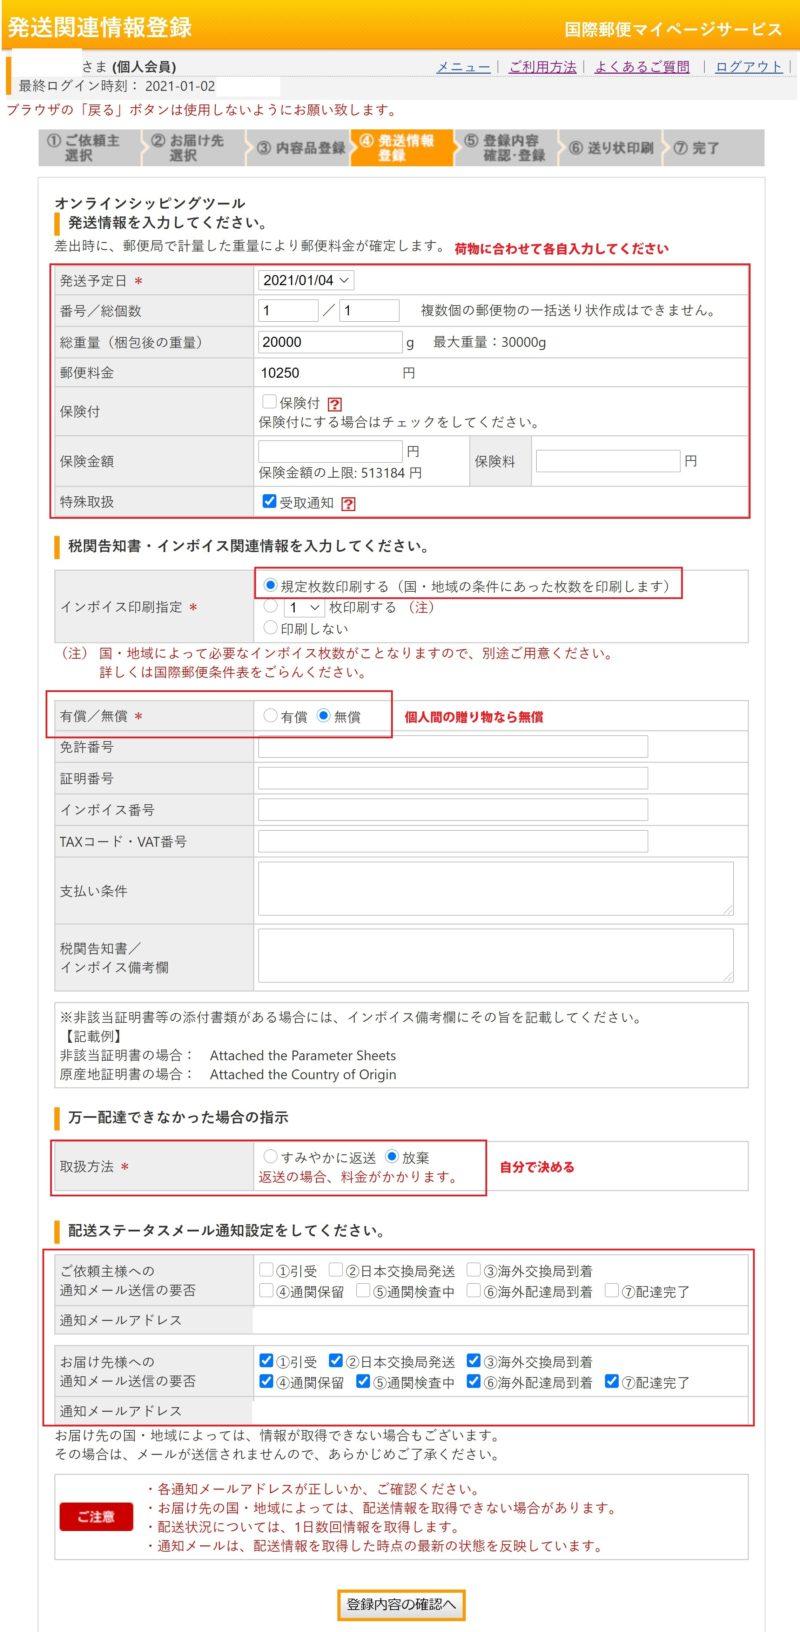 国際郵便マイページサービス 発送情報登録のしかた